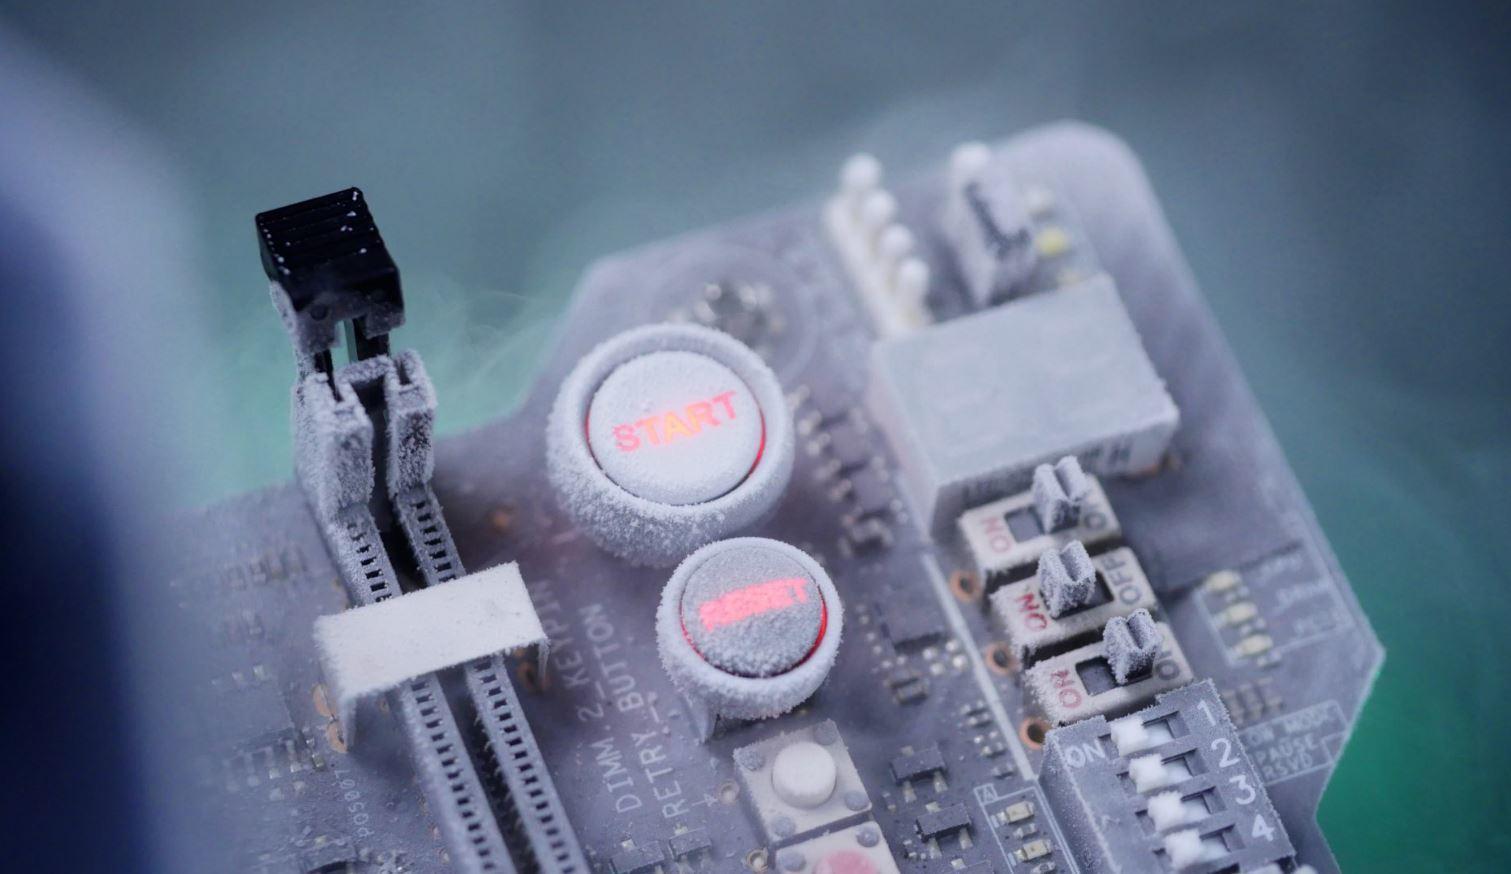 Ударный российский оверклокинг — как энтузиасты добыли восемь наград в одночасье за разгон новейших процессоров Intel - 2